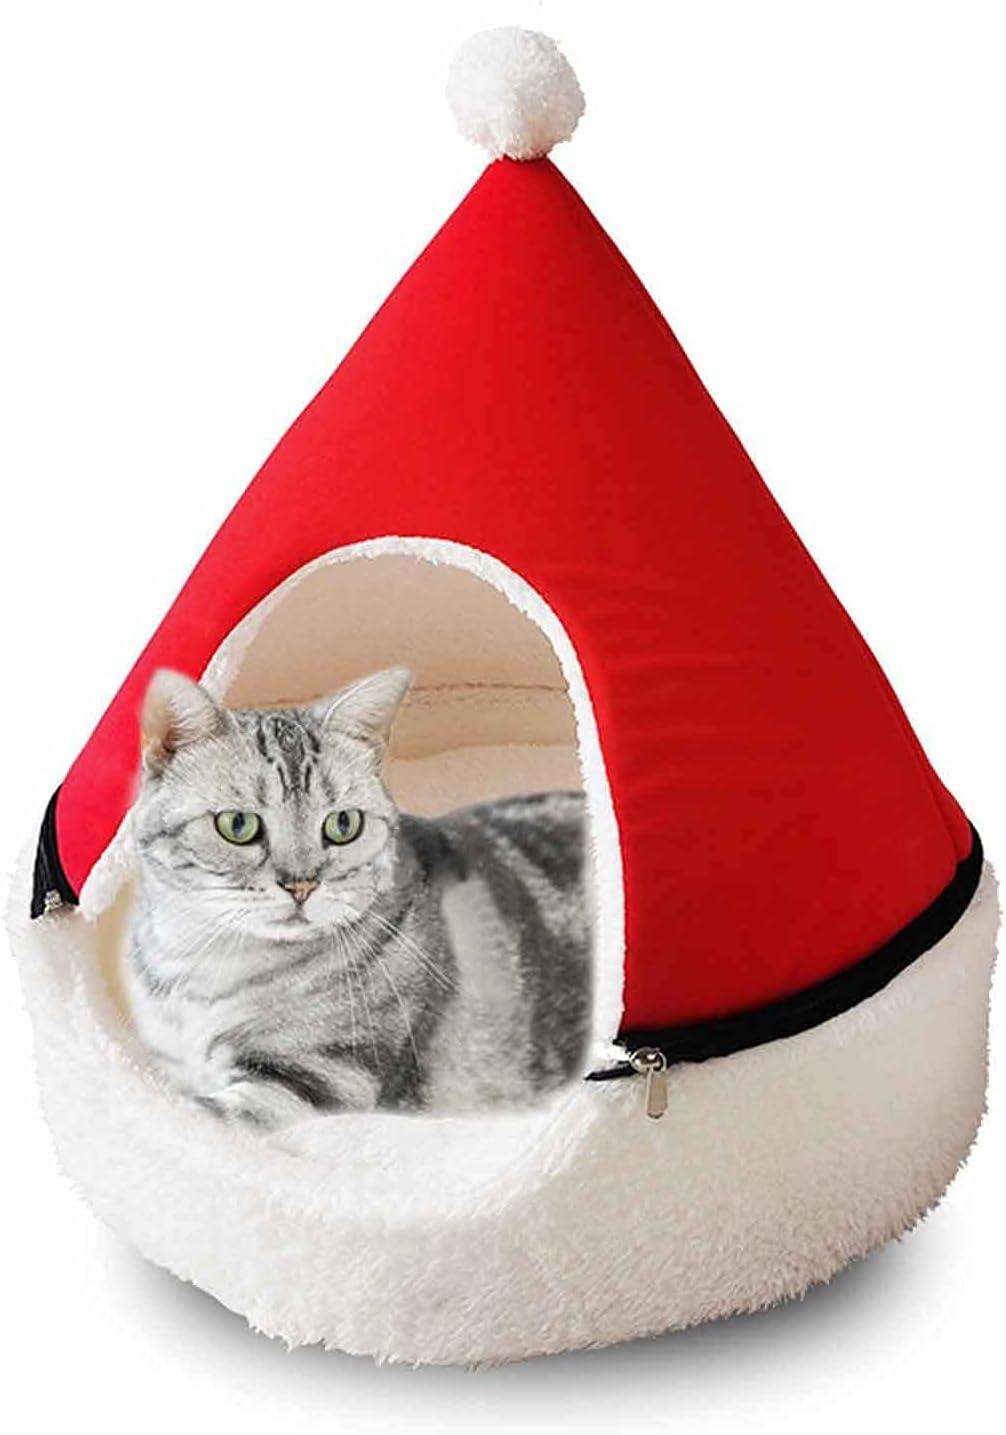 YLJJ Cama para Gatos con árbol de Navidad, casa para Perros cálida y Cerrada de Invierno, Nido Suave para Mascotas, Cama para Perros yurta extraíble y Lavable para Mascotas